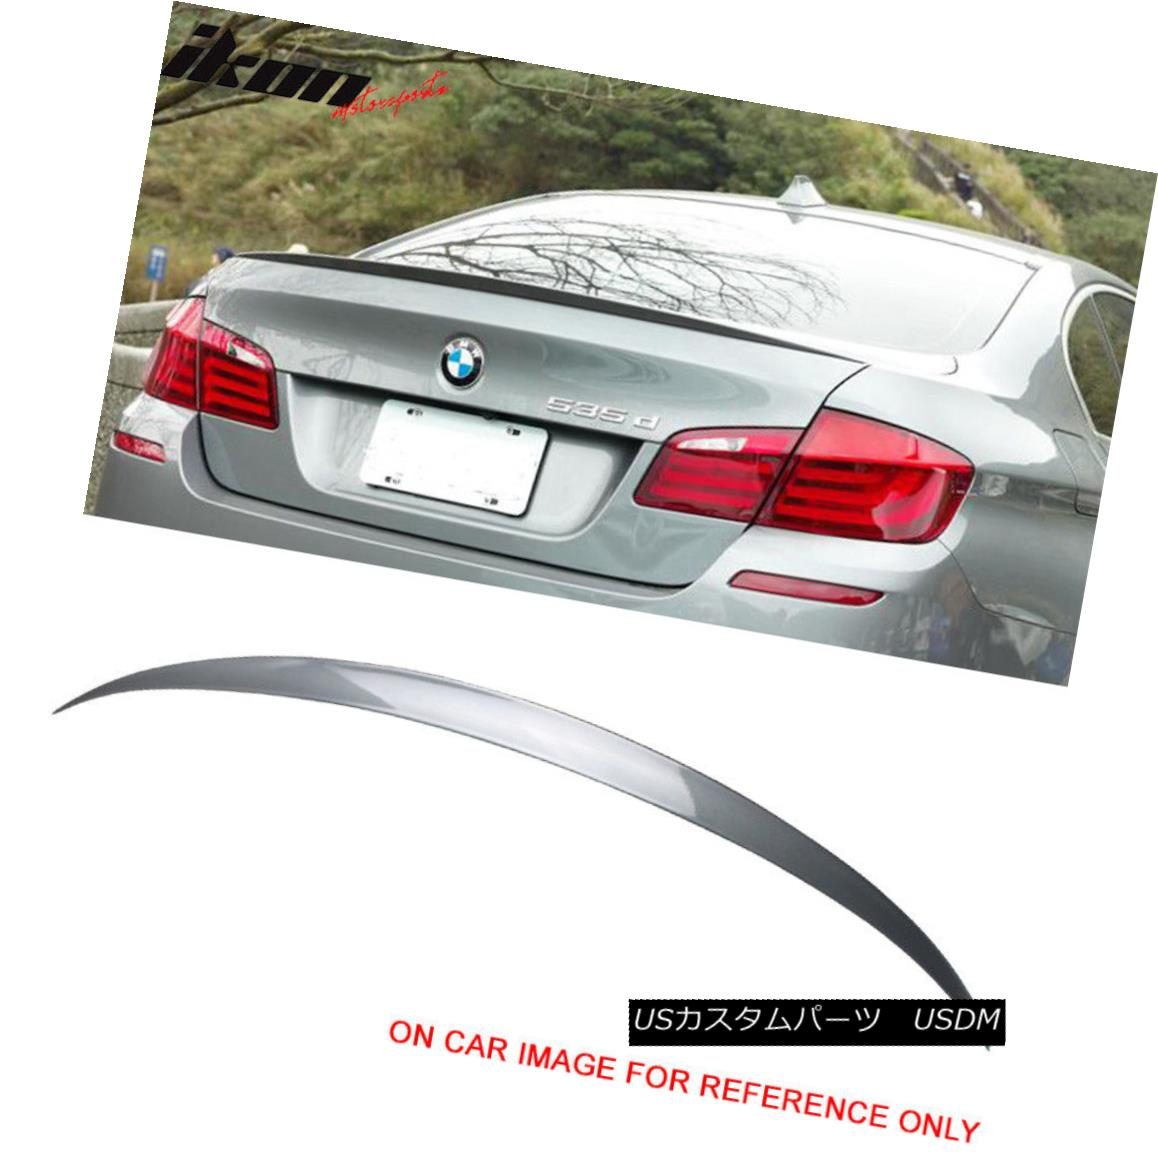 エアロパーツ 11-16 BMW F10 Sedan 4Dr M5 Style Painted Trunk Spoiler #A52 Space Gray Metallic 11-16 BMW F10セダン4Dr M5スタイル塗装トランク・スポイラー#A52スペース・グレー・メタリック